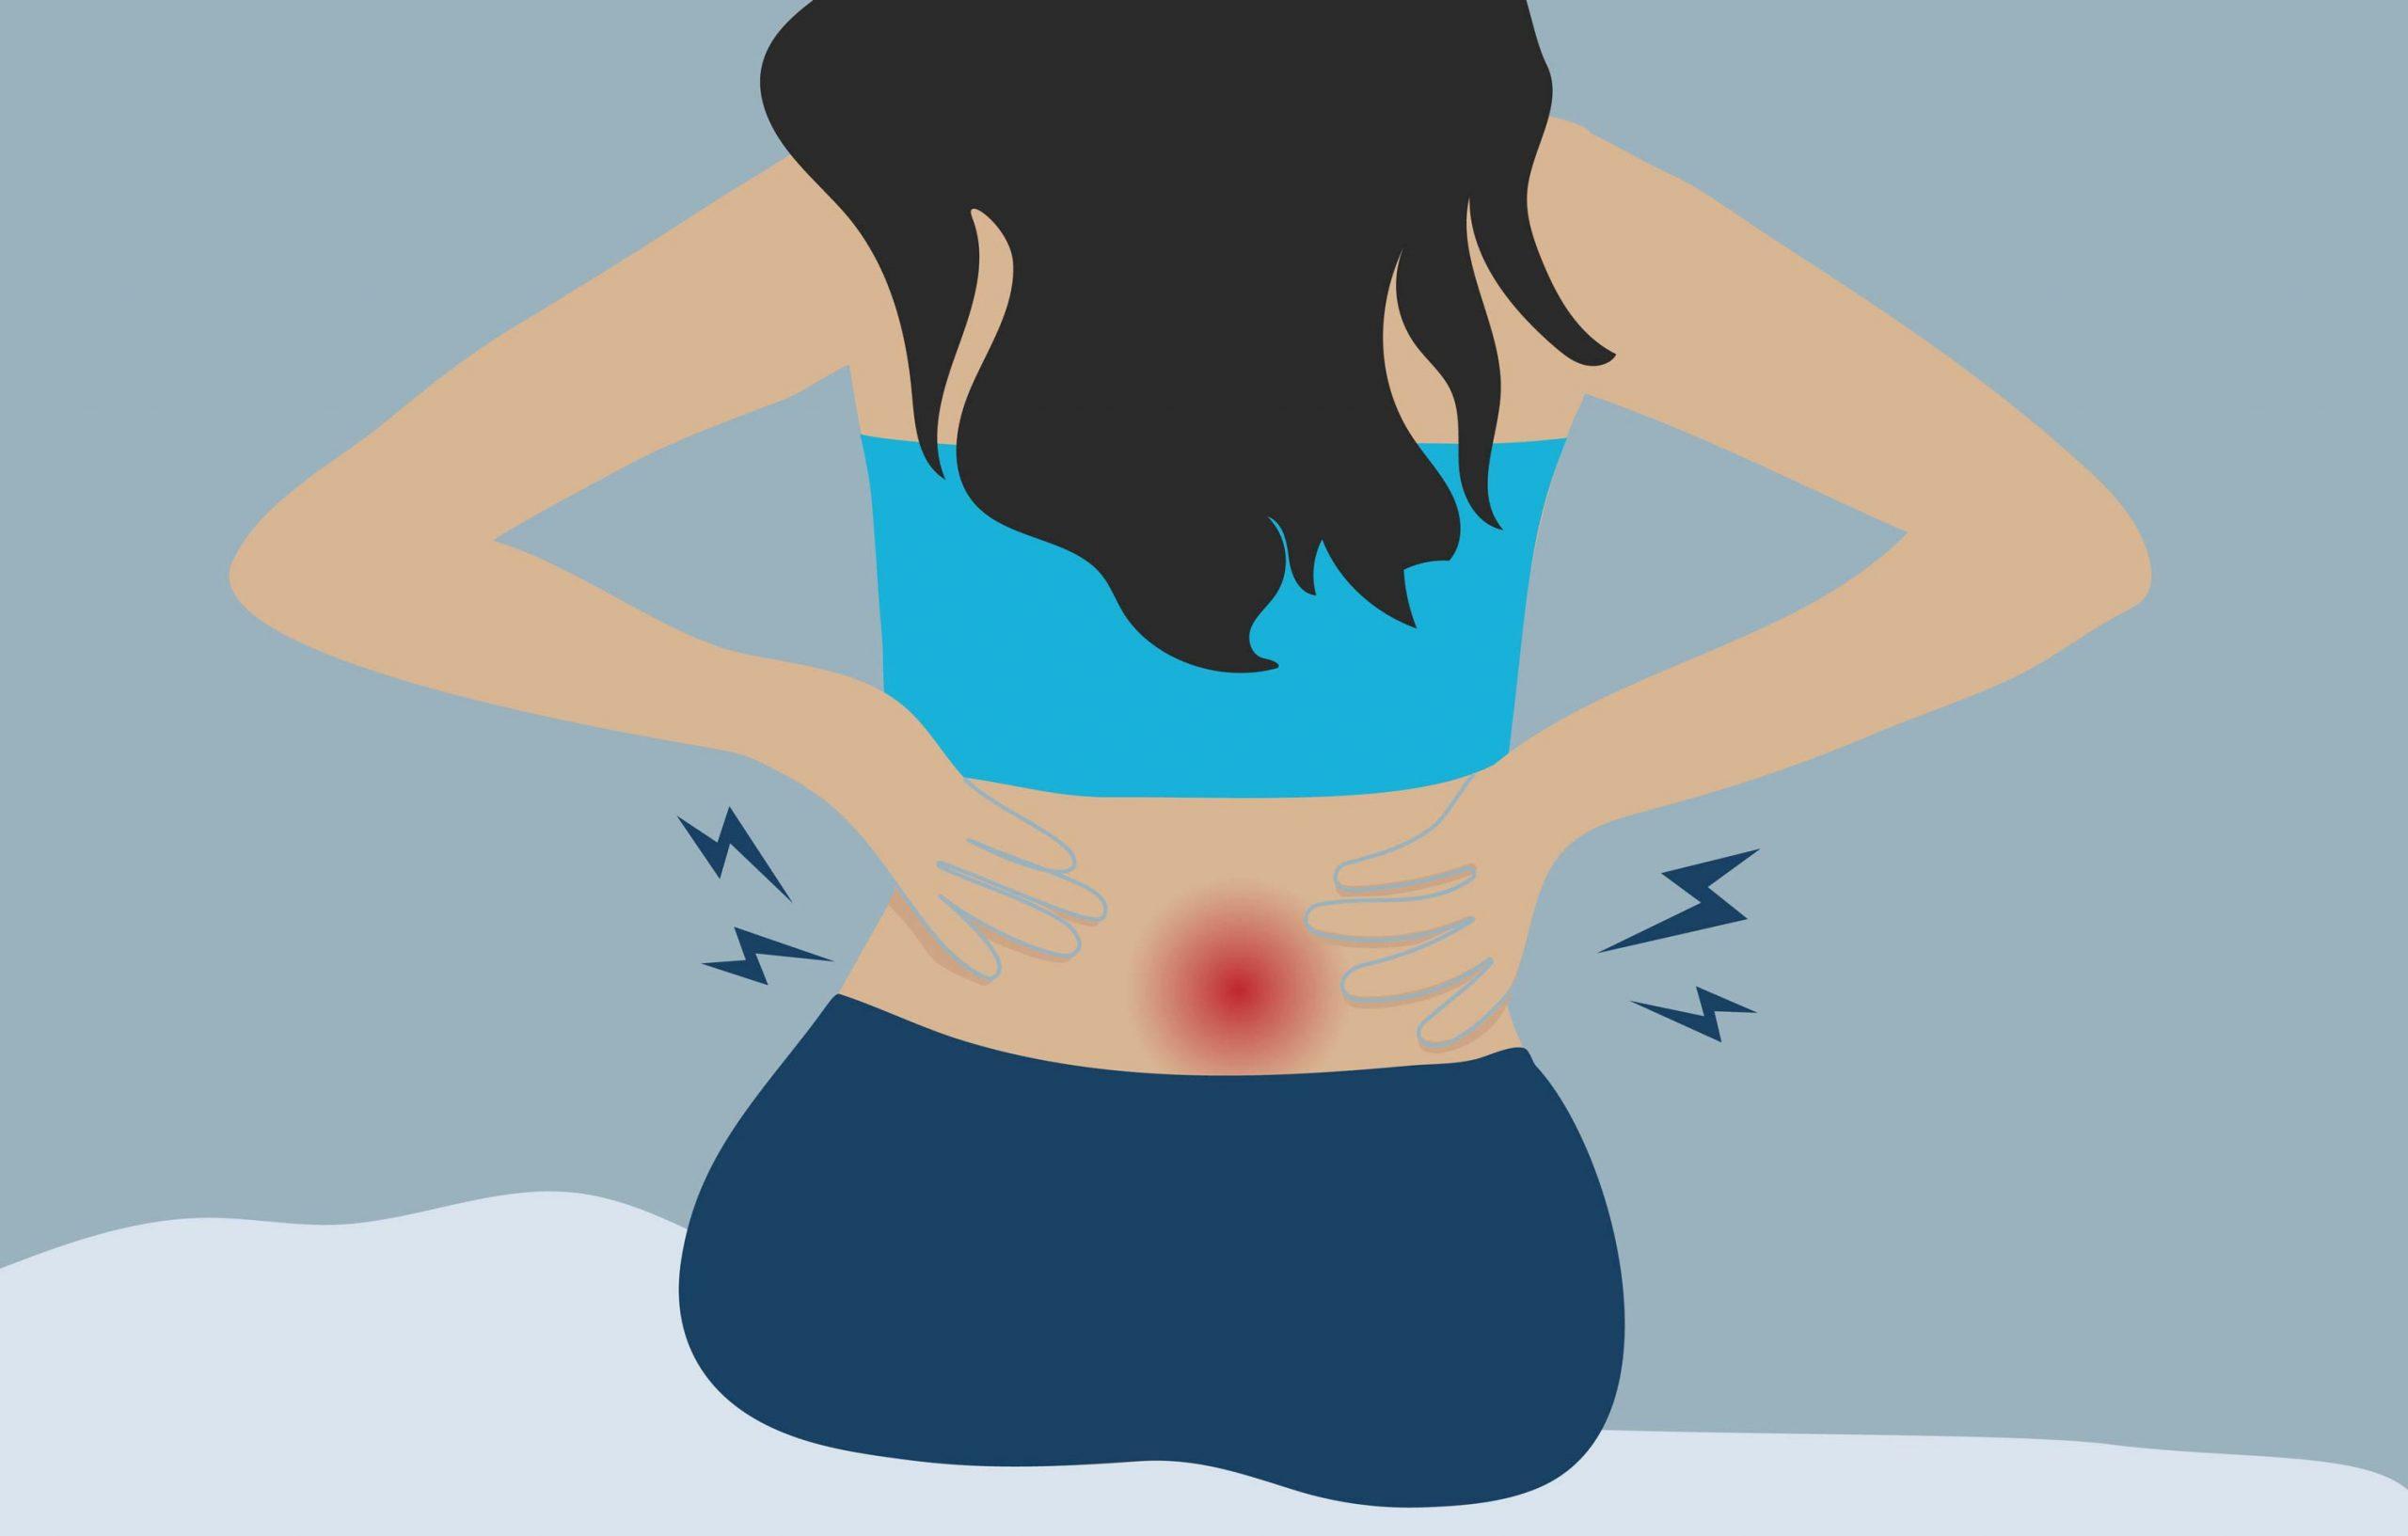 หน้าอกใหญ่เกินไปส่งผลต่ออาการปวดหลังของคุณหรือไม่?